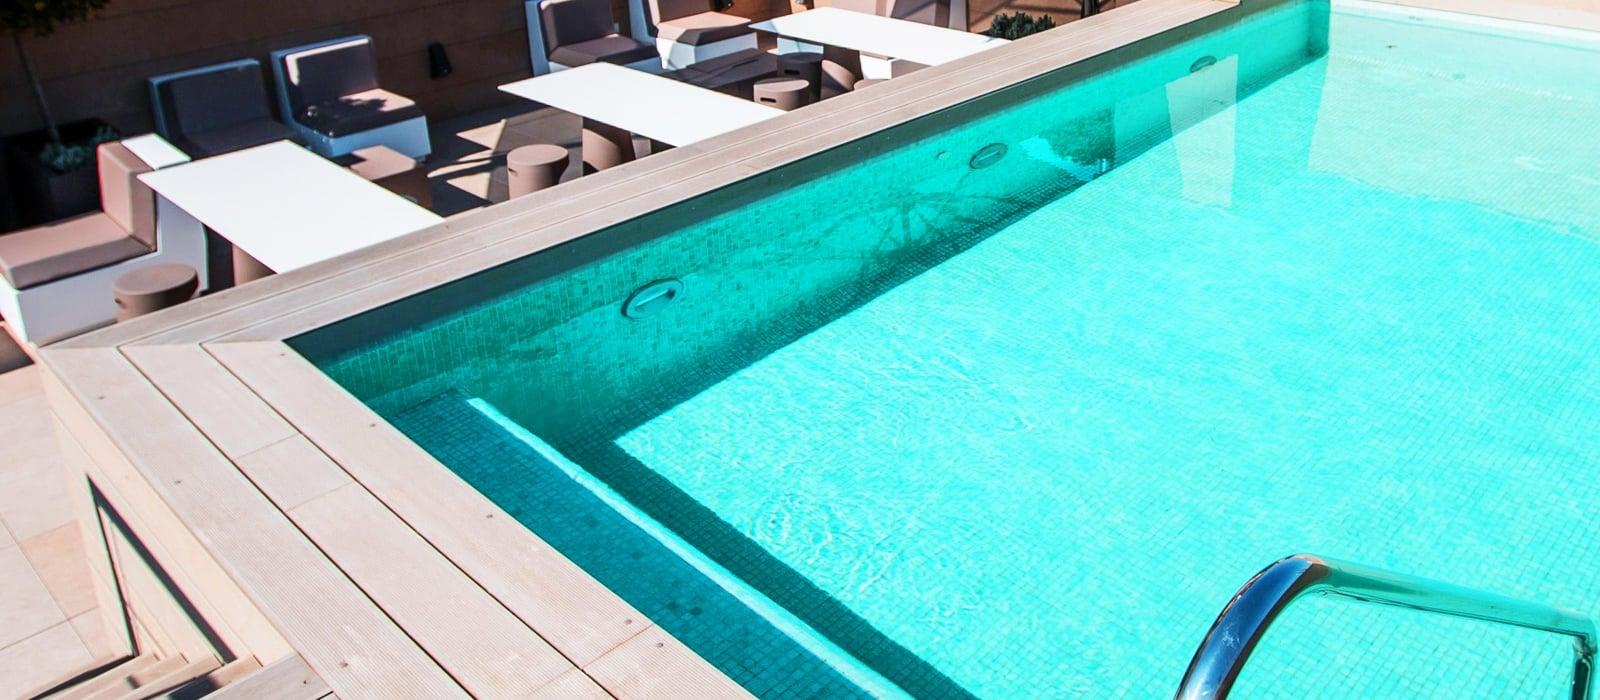 Plunge pool con solarium -  Vincci Mercat 4*